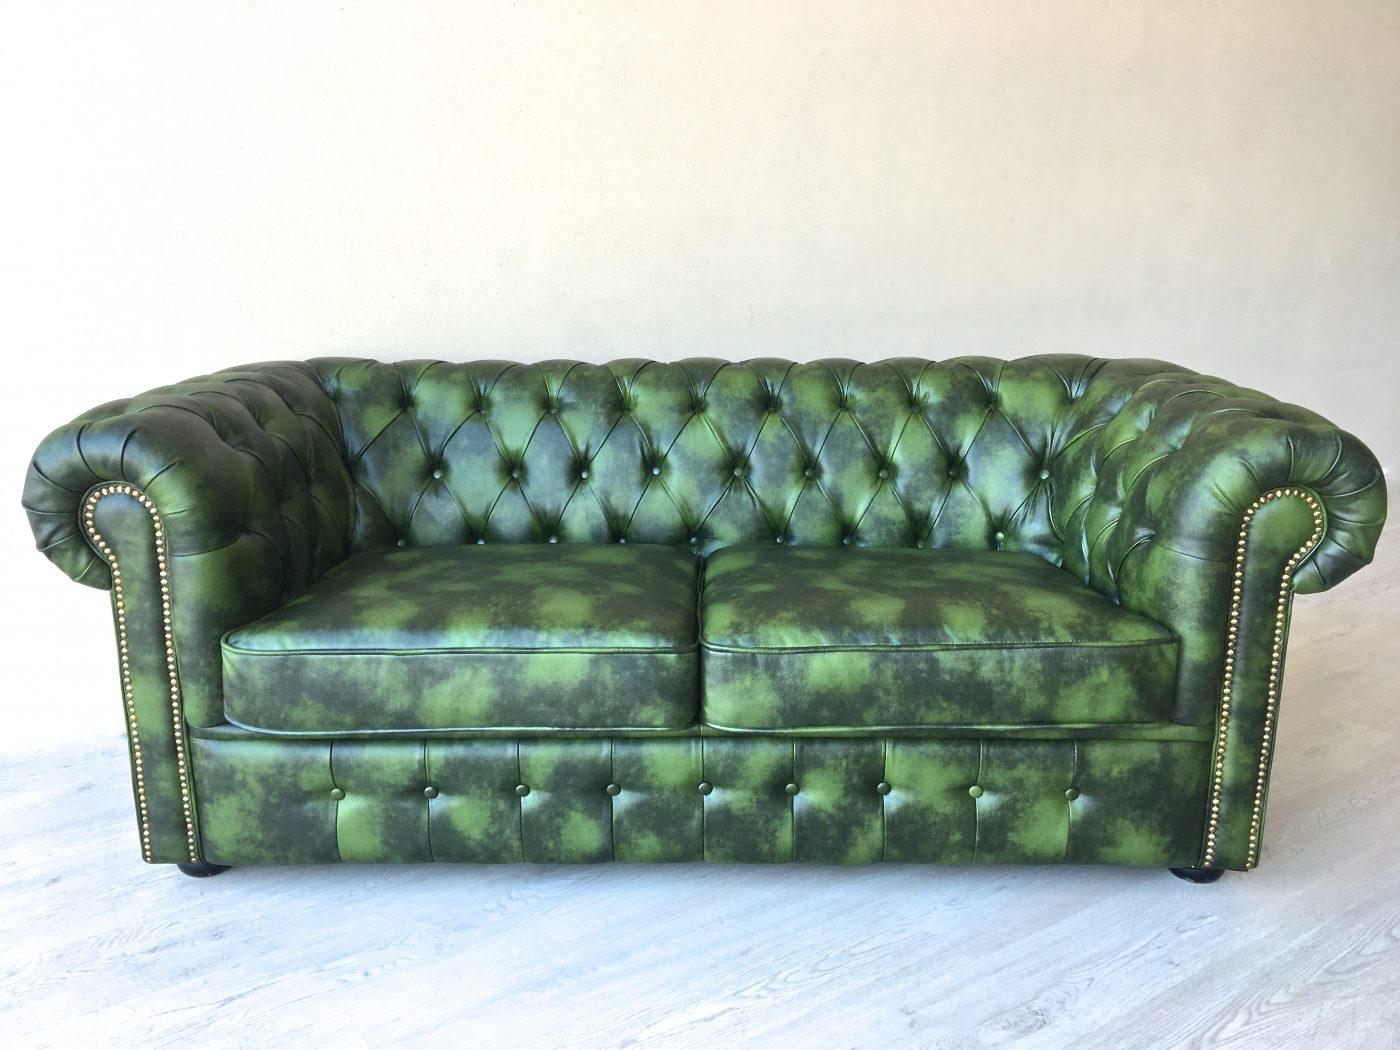 Divano chester originale inglese in pelle divani chester for Divano in inglese